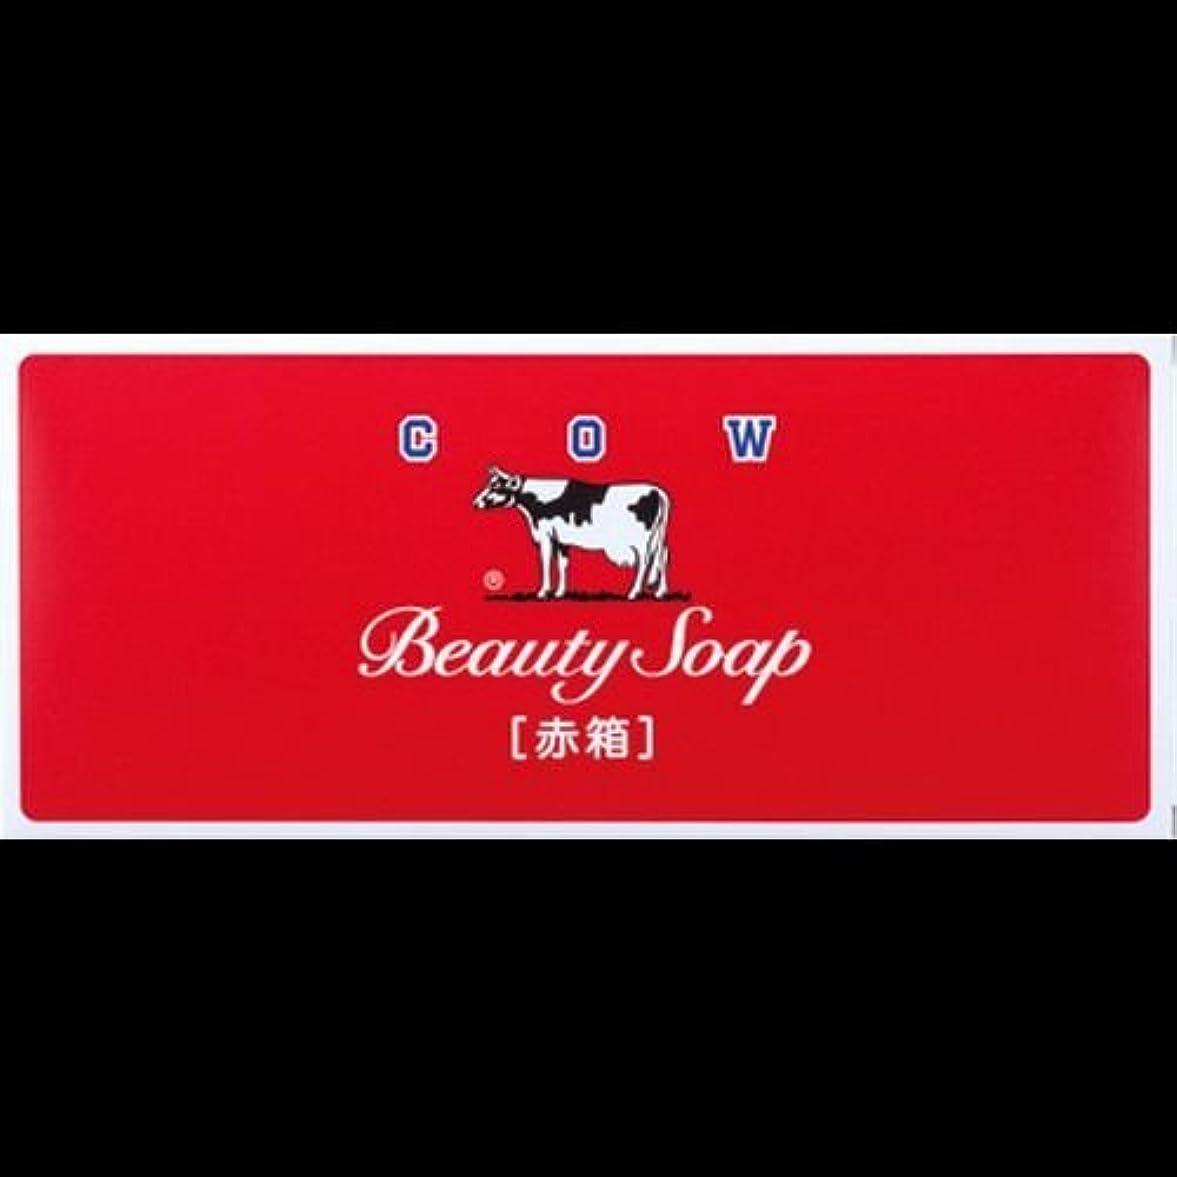 クレーター乱れから聞く【まとめ買い】カウブランド石鹸 赤箱100g*6個 ×2セット